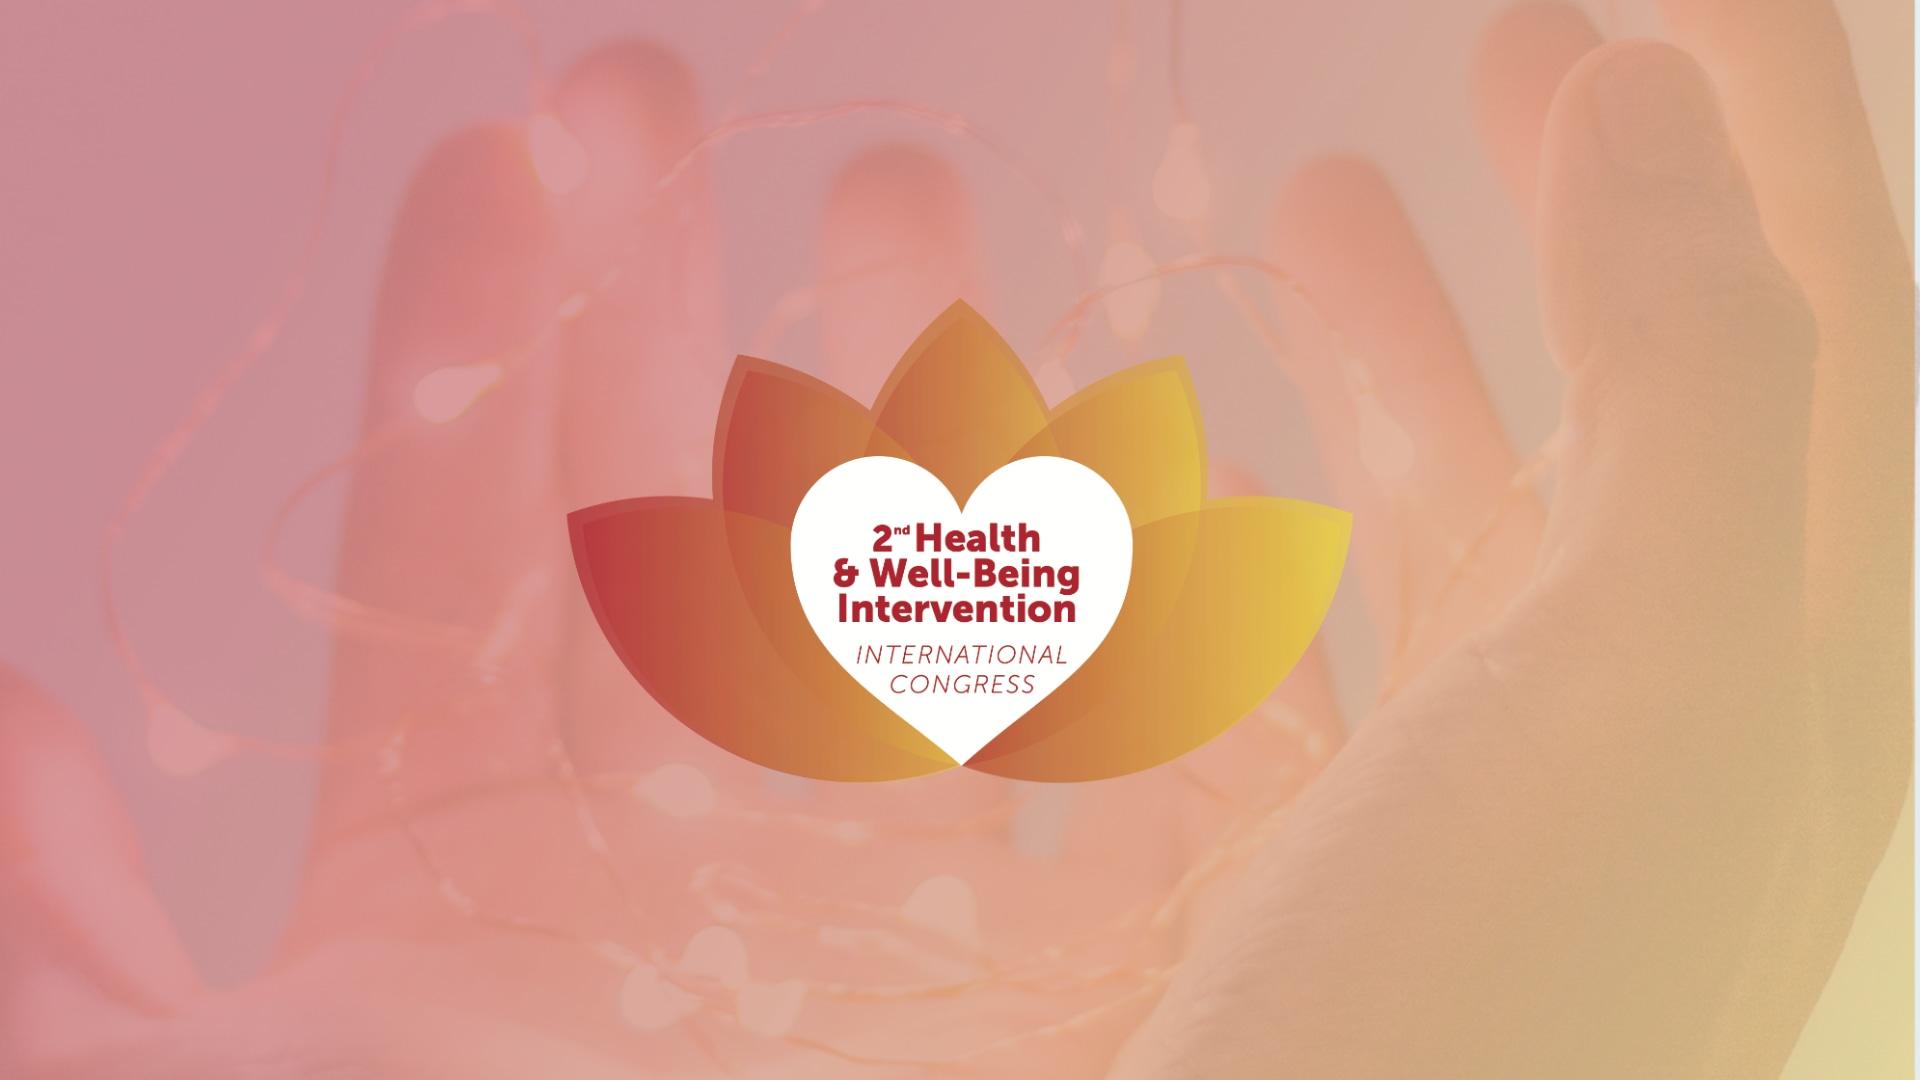 2º congresso internacional sobre saúde e bem-estar no final de maio